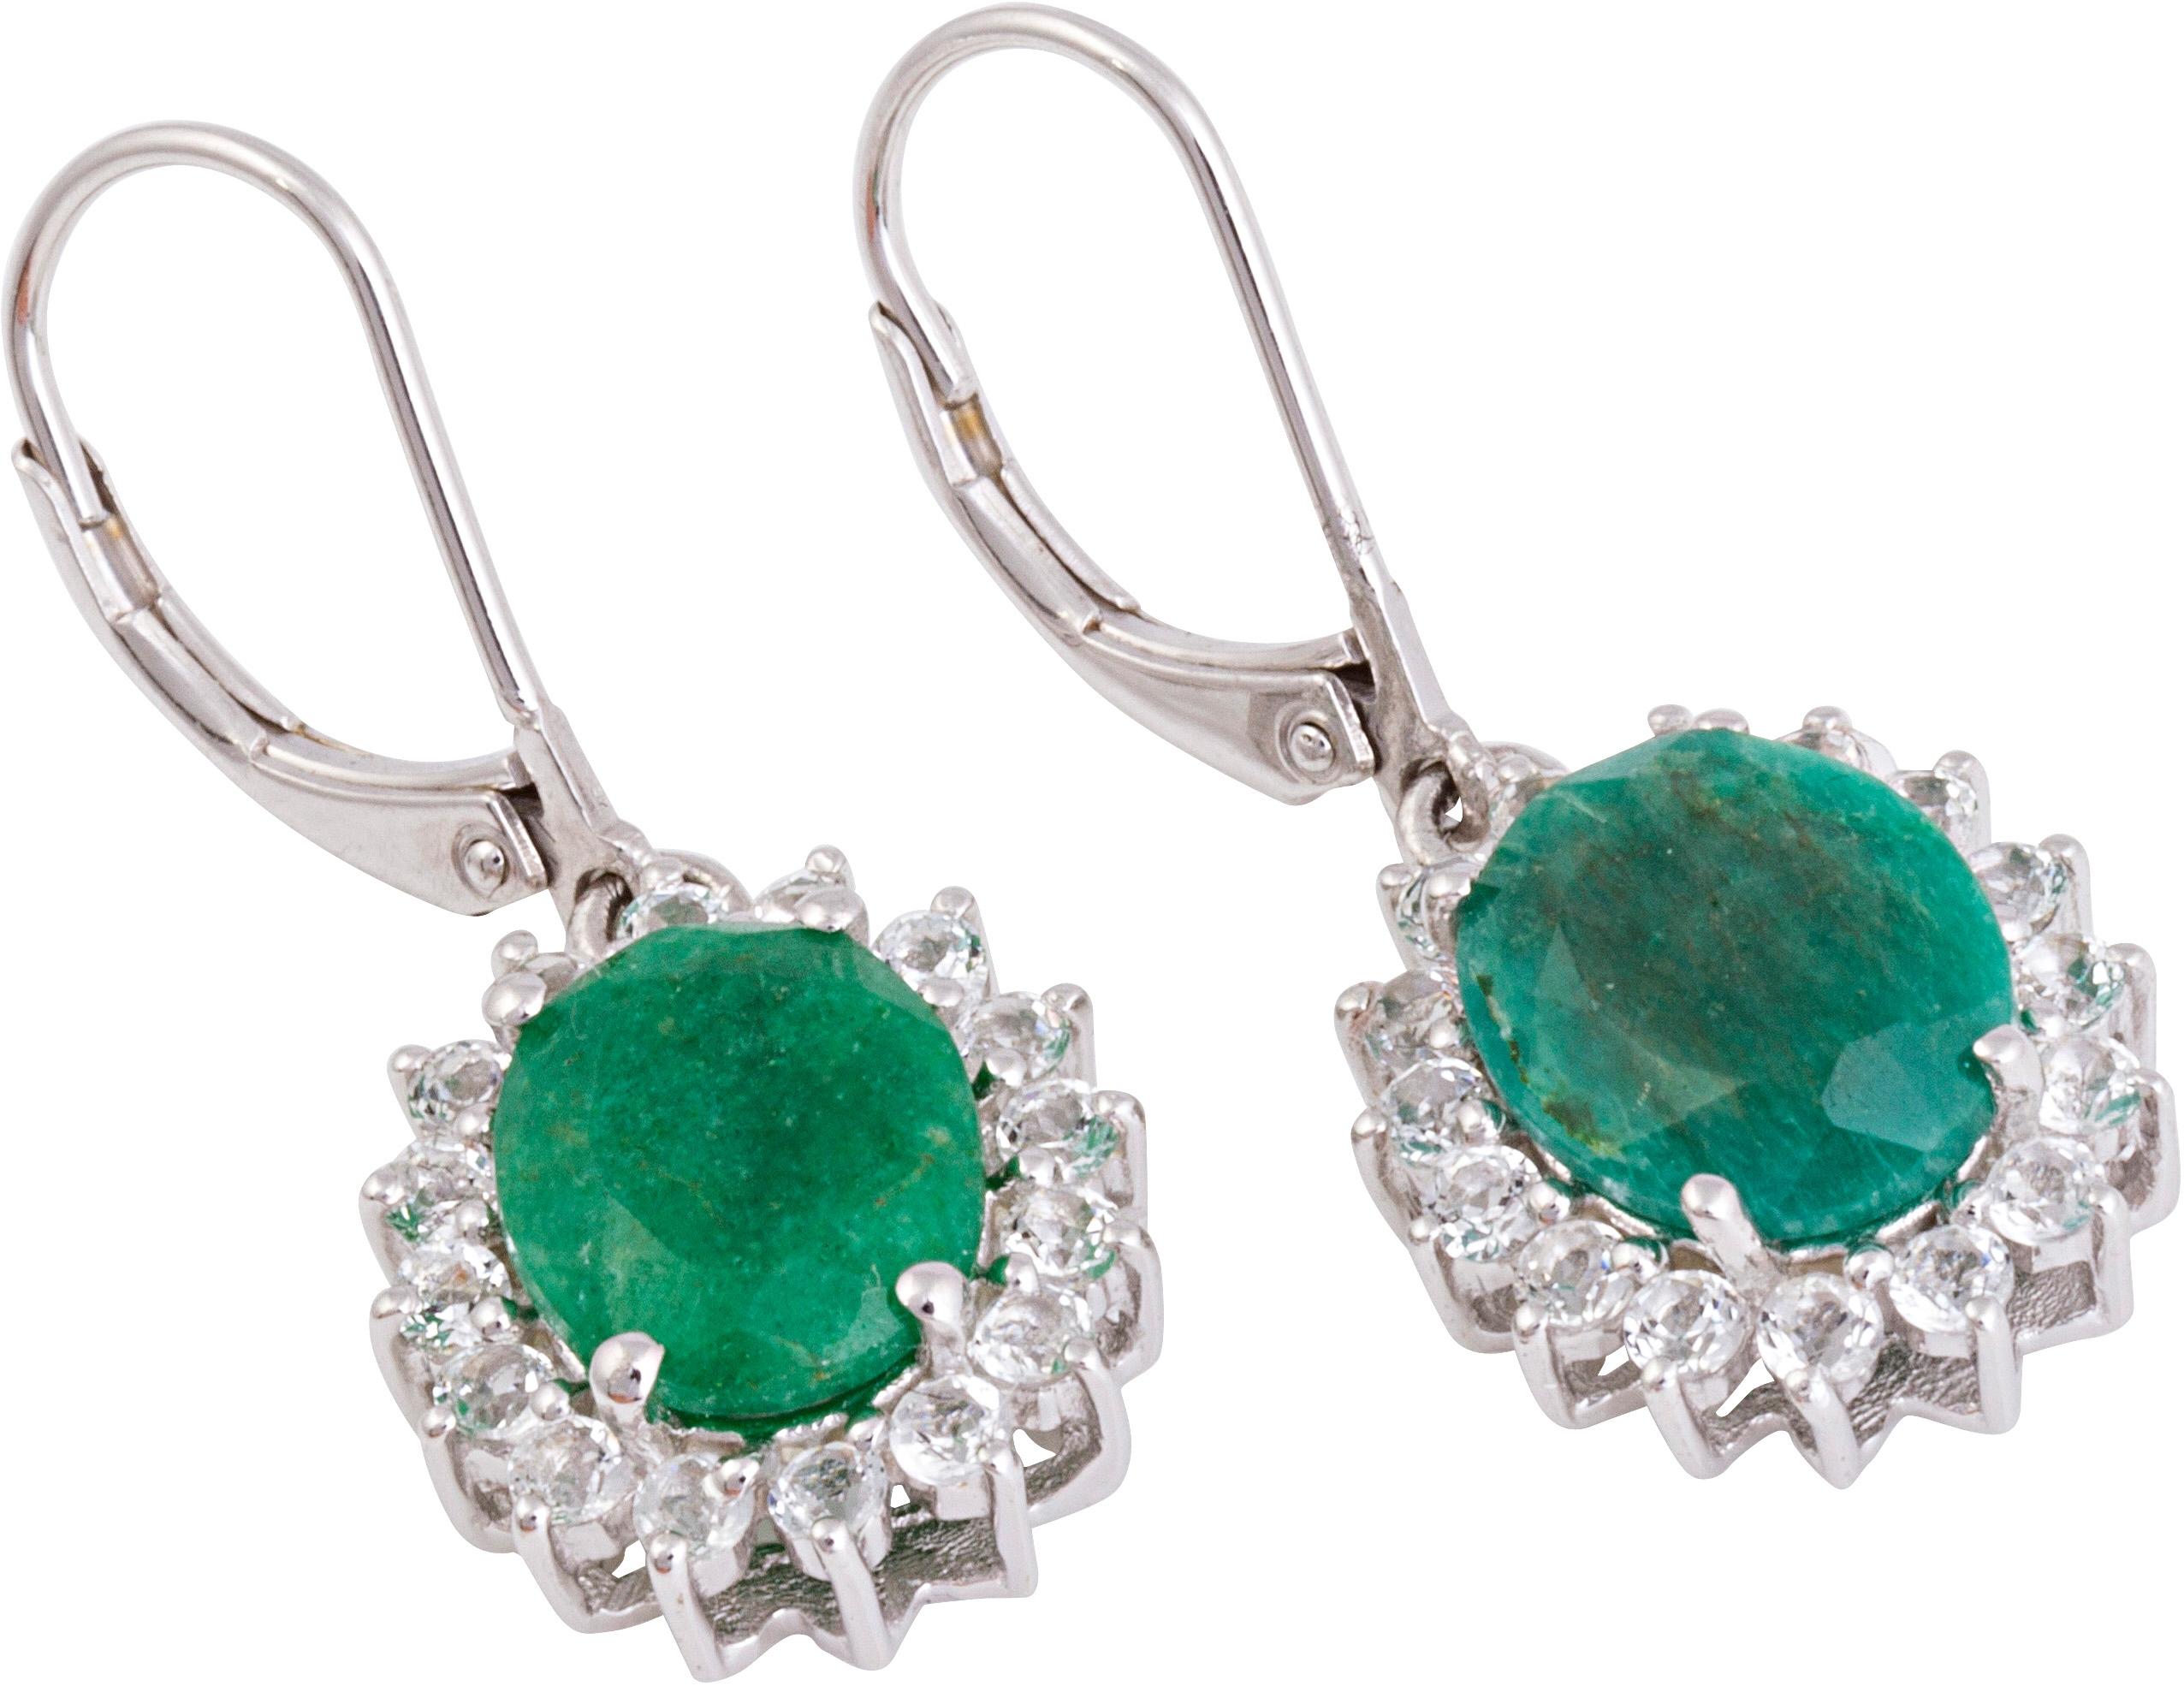 Firetti VIVANCE Jewels oorbellen: paar oorhangers 'Smaragd' met topazen nu online kopen bij OTTO